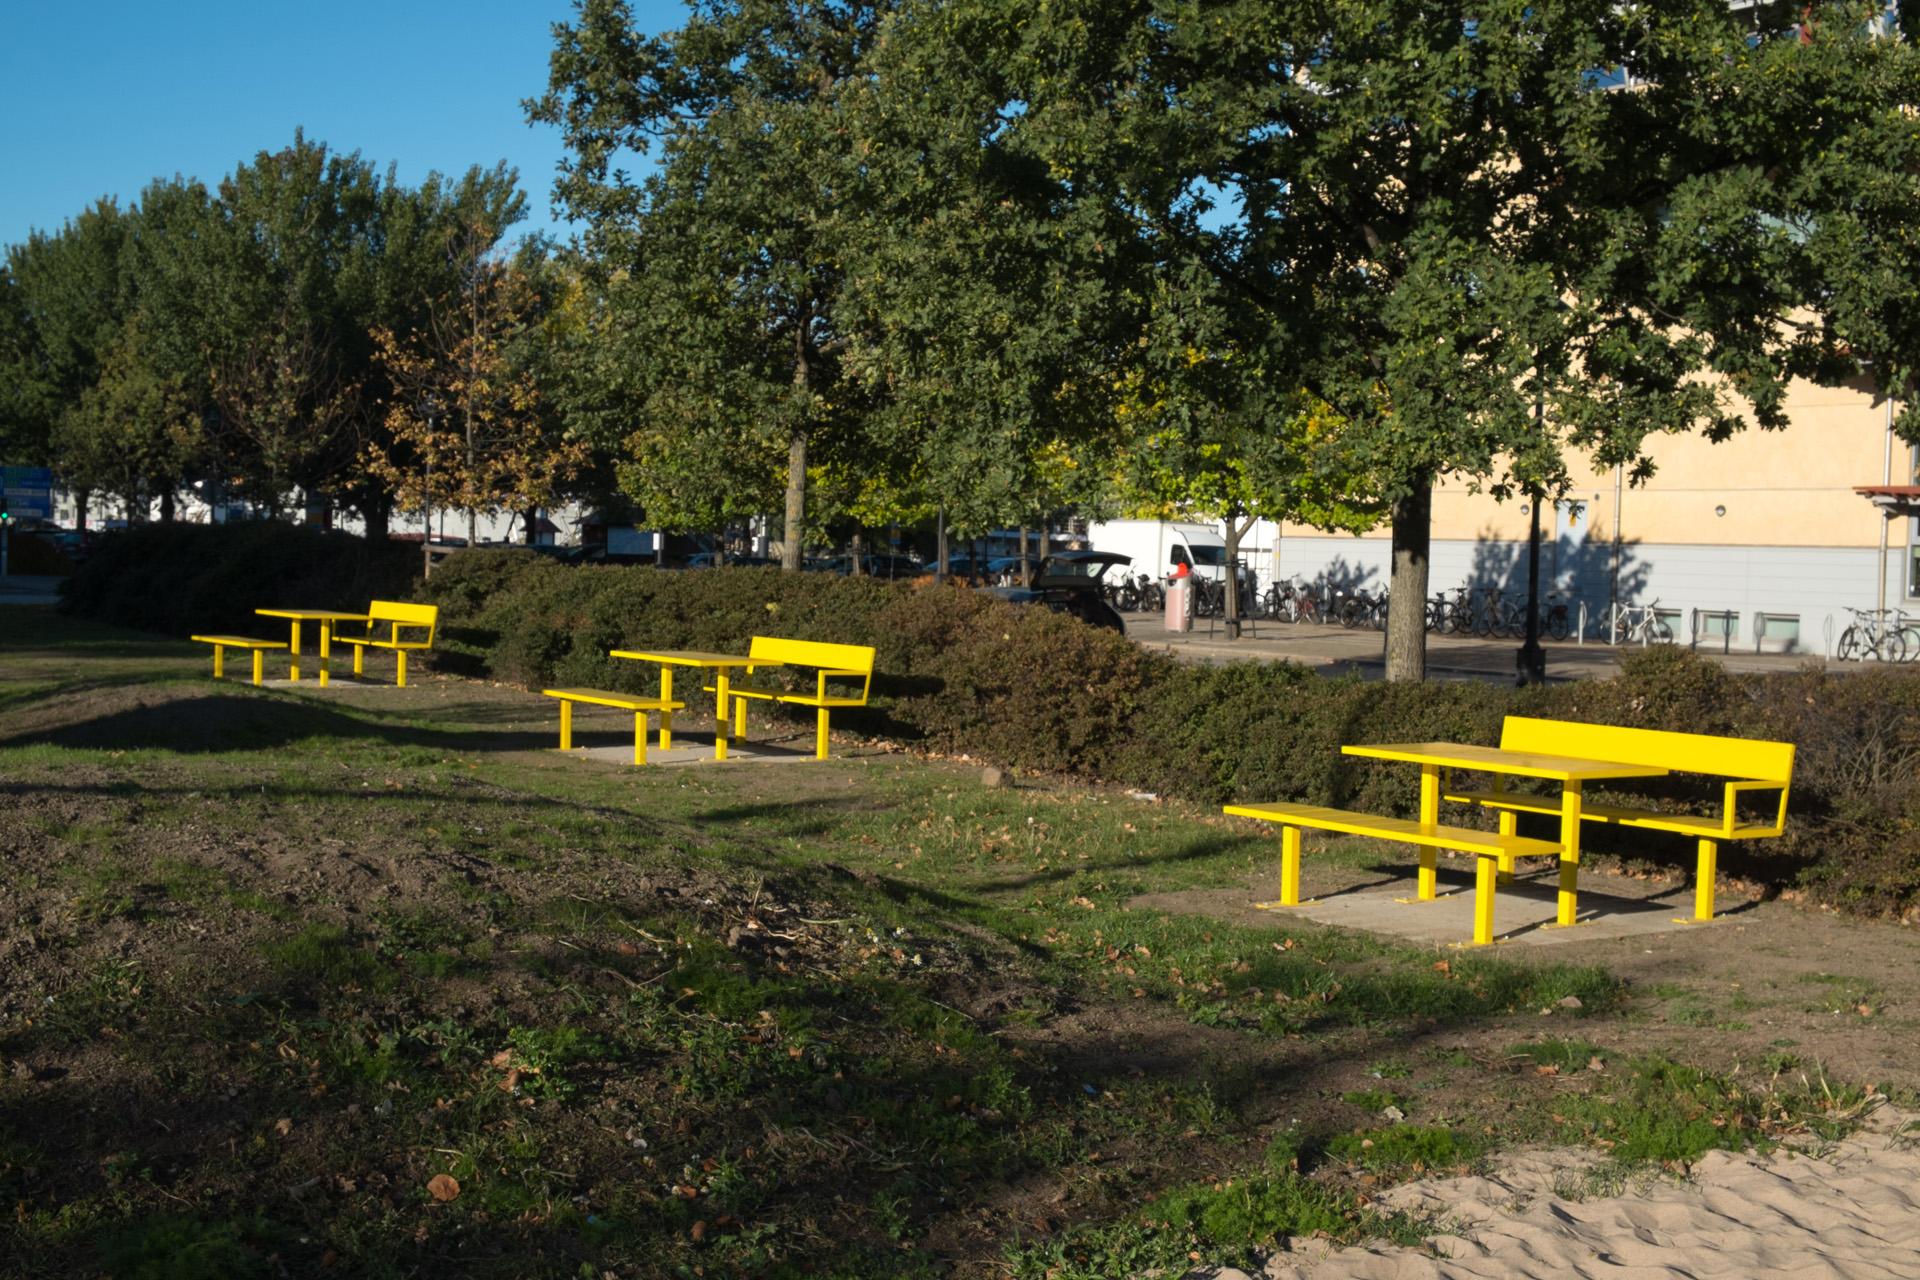 Sidewalk tafel - strakke lijnen en klassieke vormen voor buitenruimte